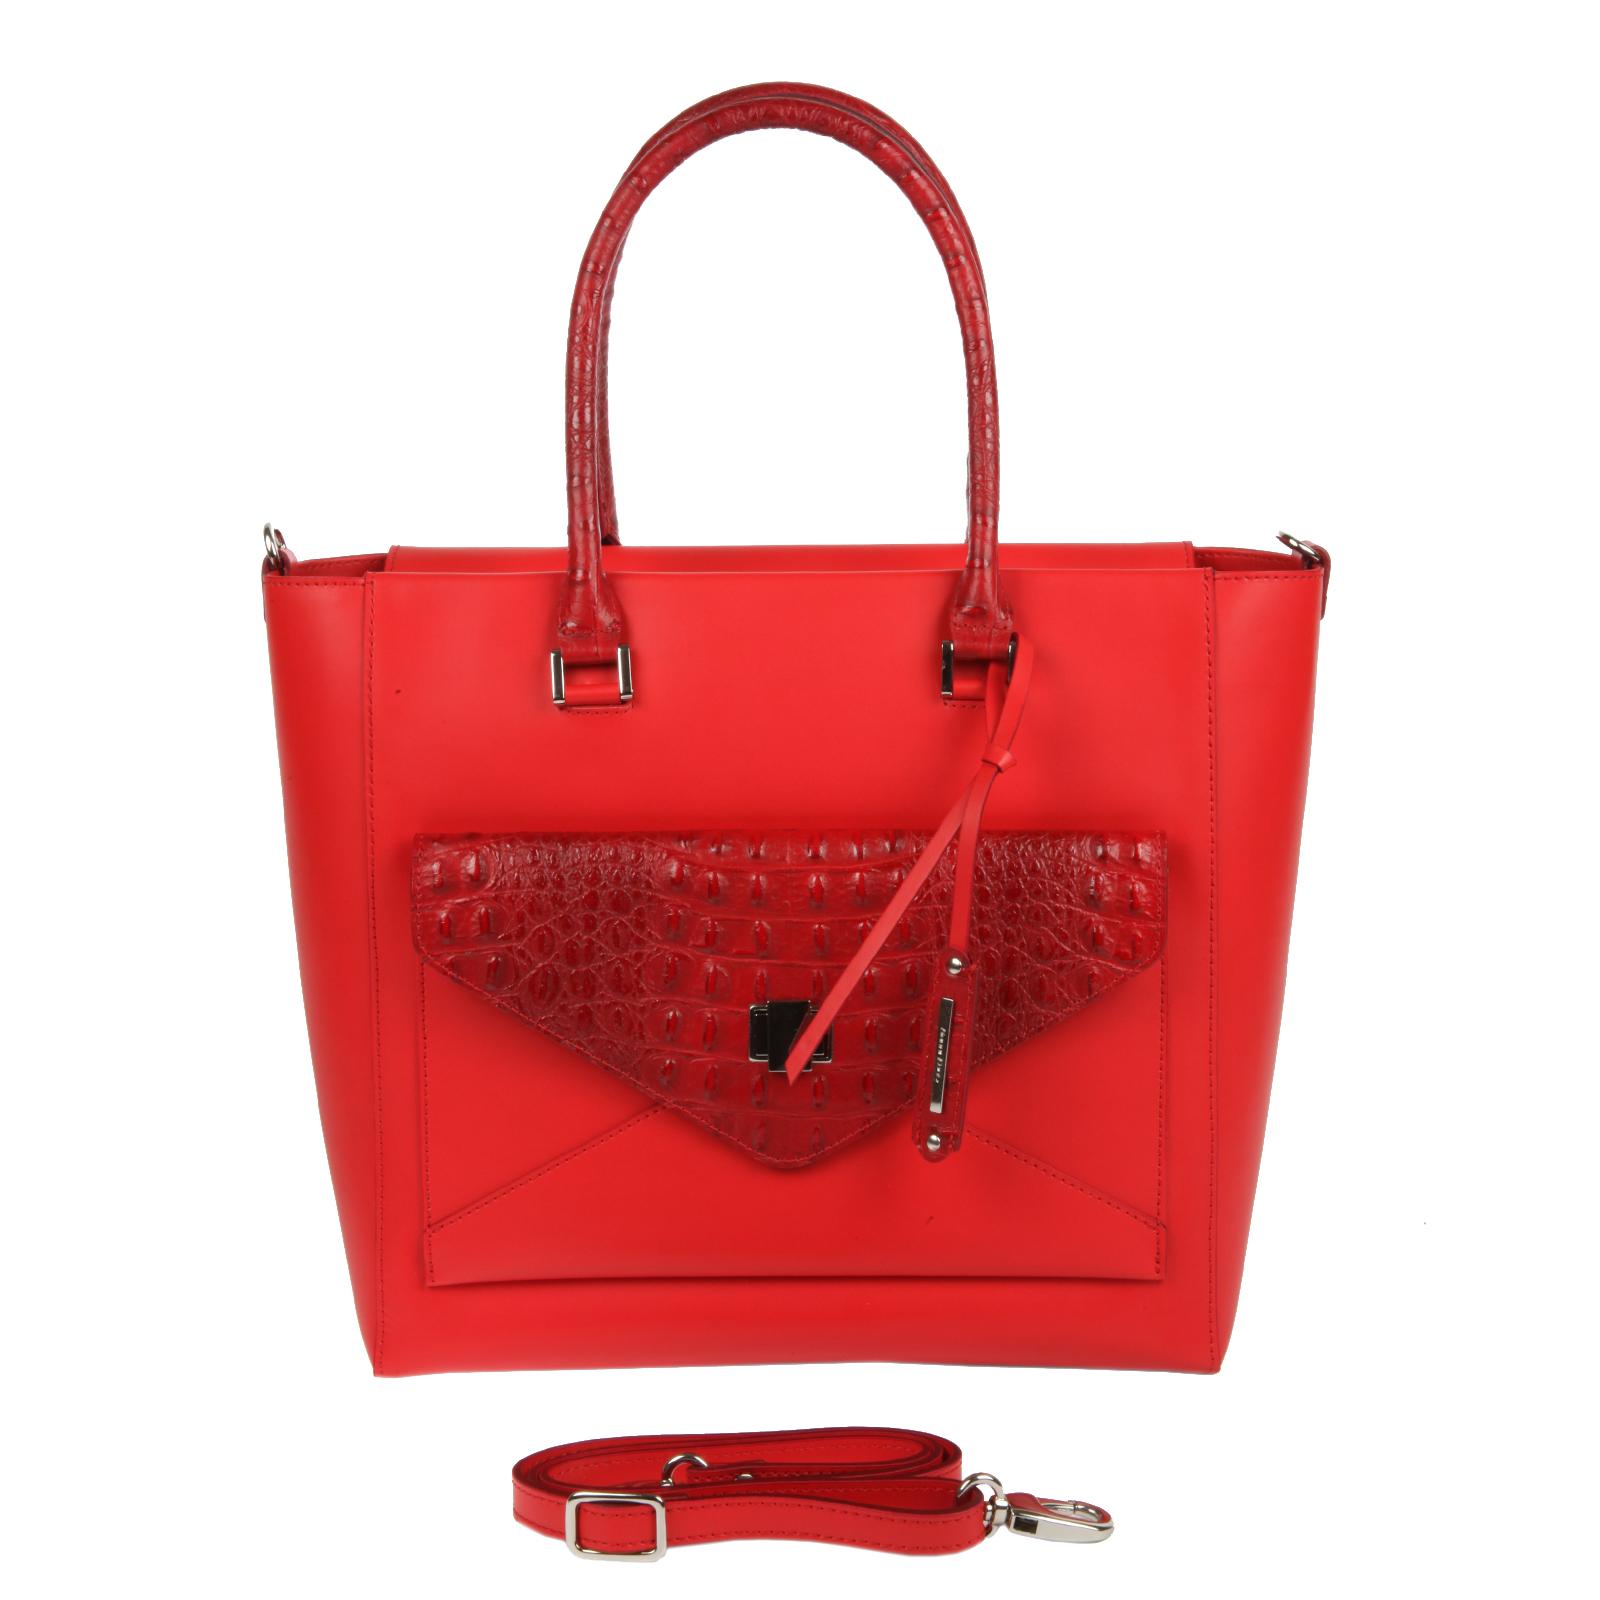 Сумка женская Gianni Conti, цвет: красный. 1293893E10931-1Стильная сумка Gianni Conti выполнена из натуральной кожи красного цвета. Сумка имеет одно отделение, которое закрывается на молнию. Внутри - два накладных кармашка для телефона и мелочей, вшитый карман на молнии, открытый карман и один кармашек для ручки. На передней стороне расположен накладной кармашек, который закрывается клапаном на поворотный замок. Сумка оснащена удобными ручками, украшенными подвесным брелком с символикой бренда и съемным плечевым ремнем. Фурнитура - серебристого цвета.Сумка - это стильный аксессуар, который подчеркнет вашу индивидуальность и сделает ваш образ завершенным. Характеристики:Материал: натуральная кожа, текстиль, металл. Цвет: красный. Размер сумки: 41 см х 30 см х 14 см. Высота ручек: 20 см. Длина плечевого ремня: 116 см. Артикул: 1293893E Coral.